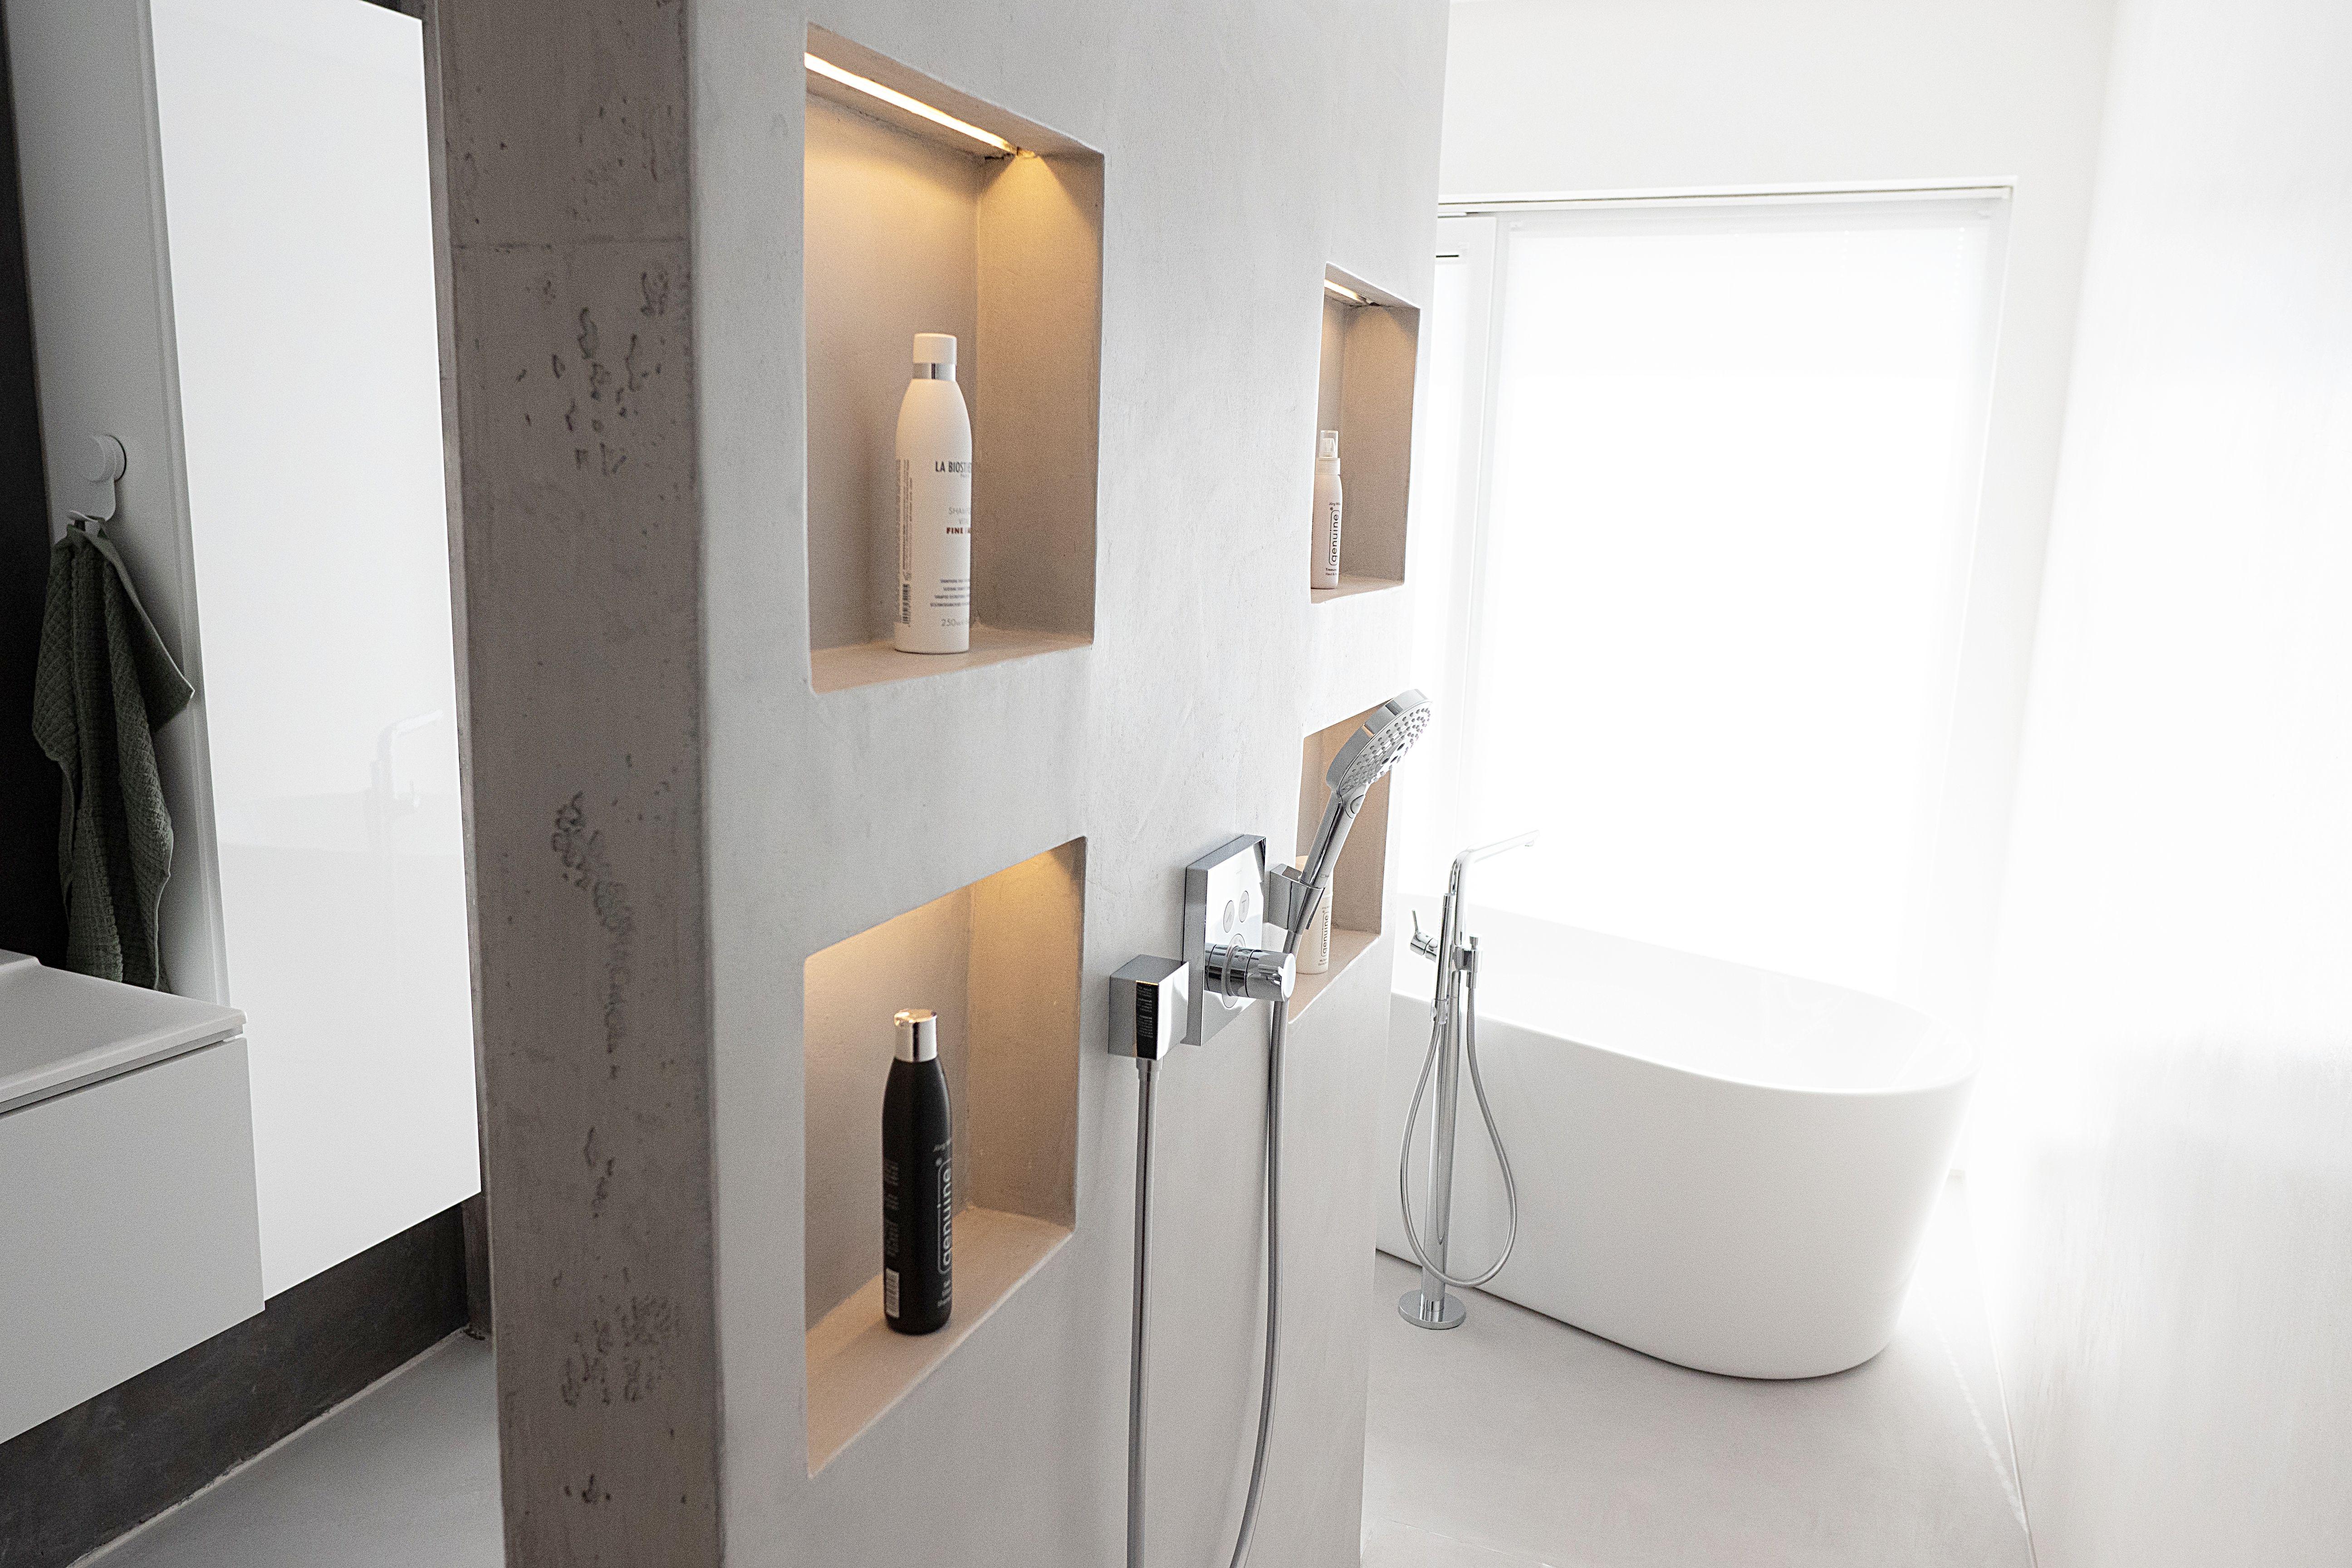 Badezimmer Ohne Fliesen Gestalten In 2020 Wandbeschichtungen Badezimmer Fliesen Badezimmer